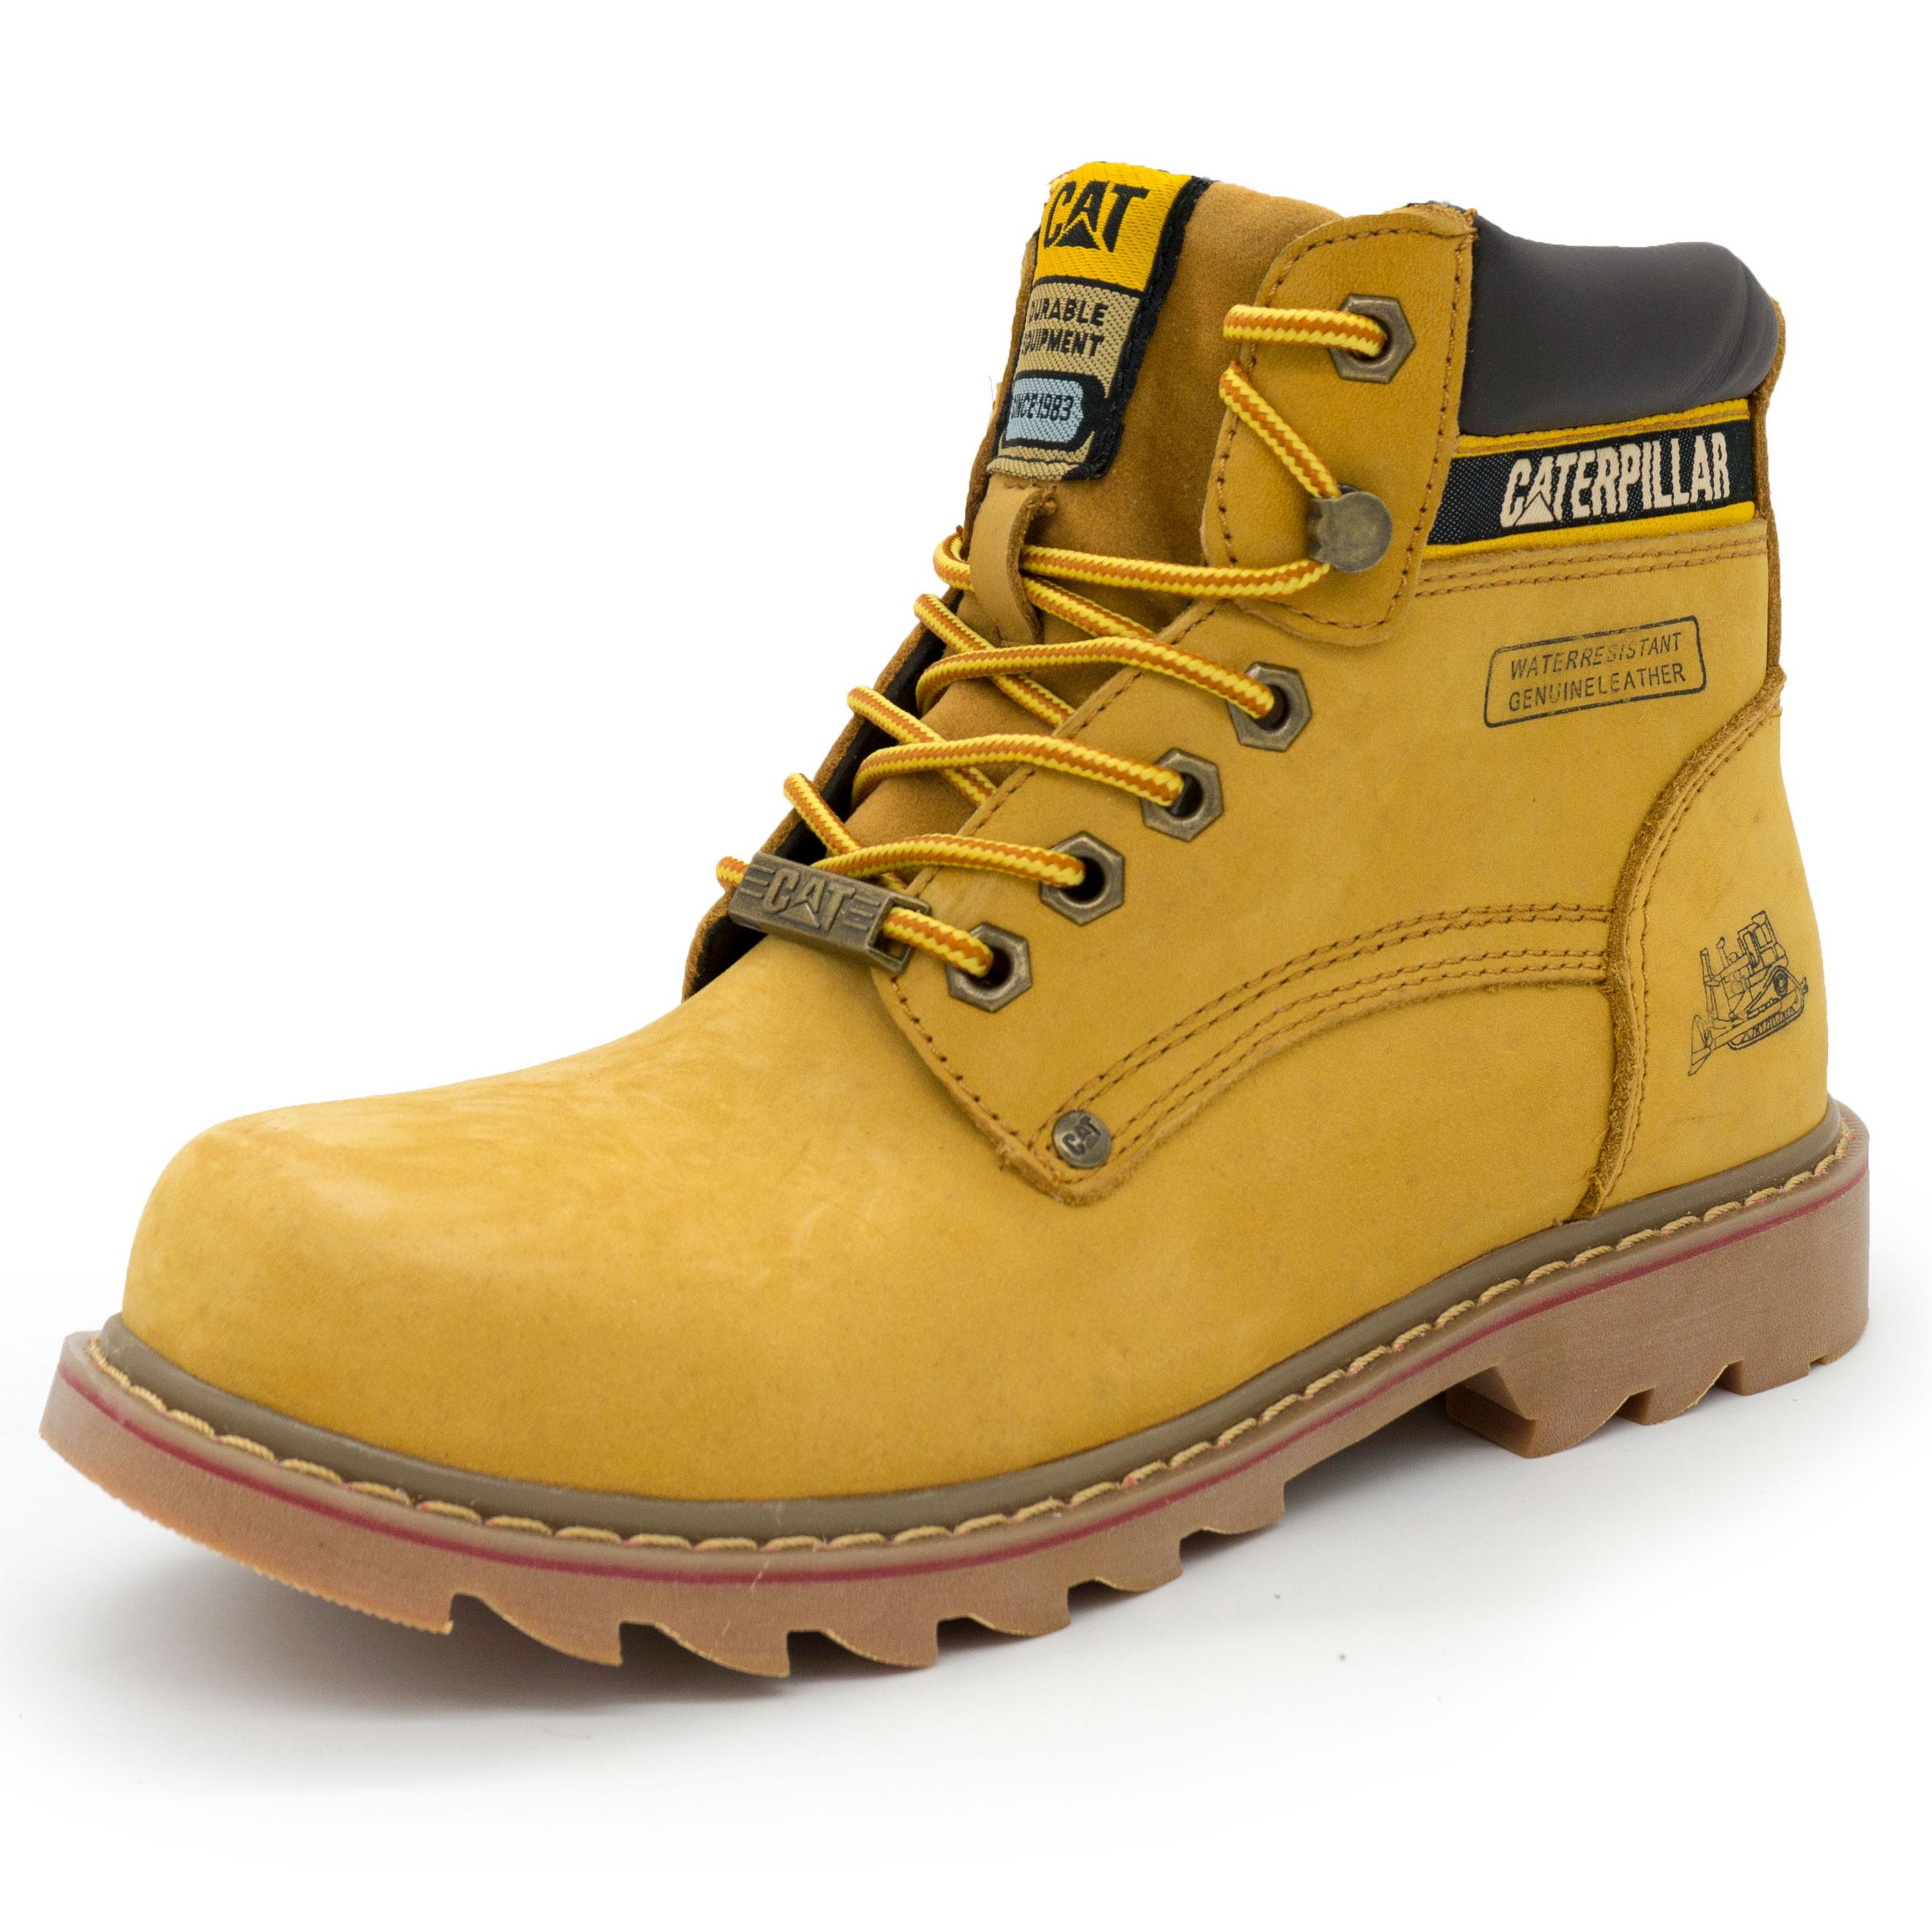 6c48a9bd3 Желтые ботинки CAT, купить ботинки Катерпиллер в интернет магазине ...